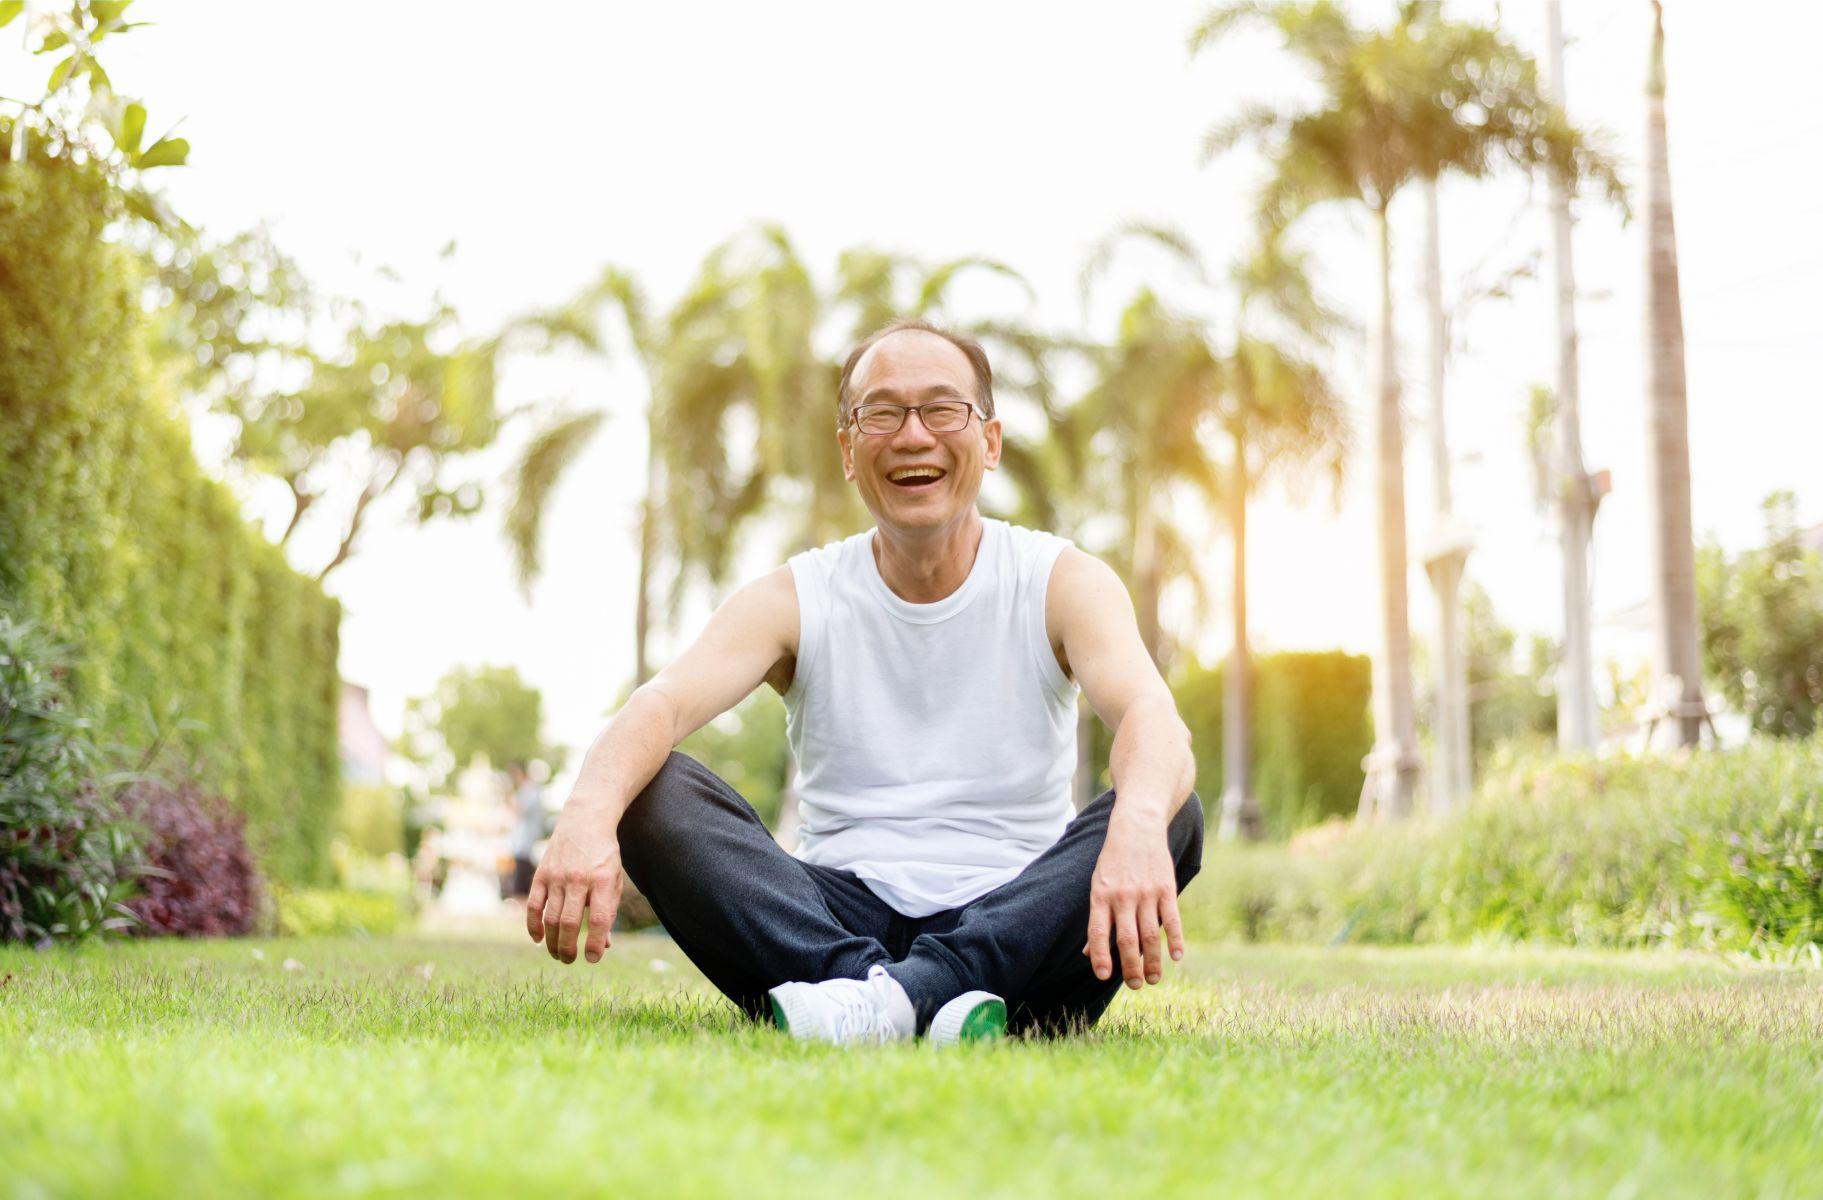 他93歲抗衰老的秘訣!爺爺告白:我的生活很充實...醒來就是想到,又賺到一天!今天也要好好過!